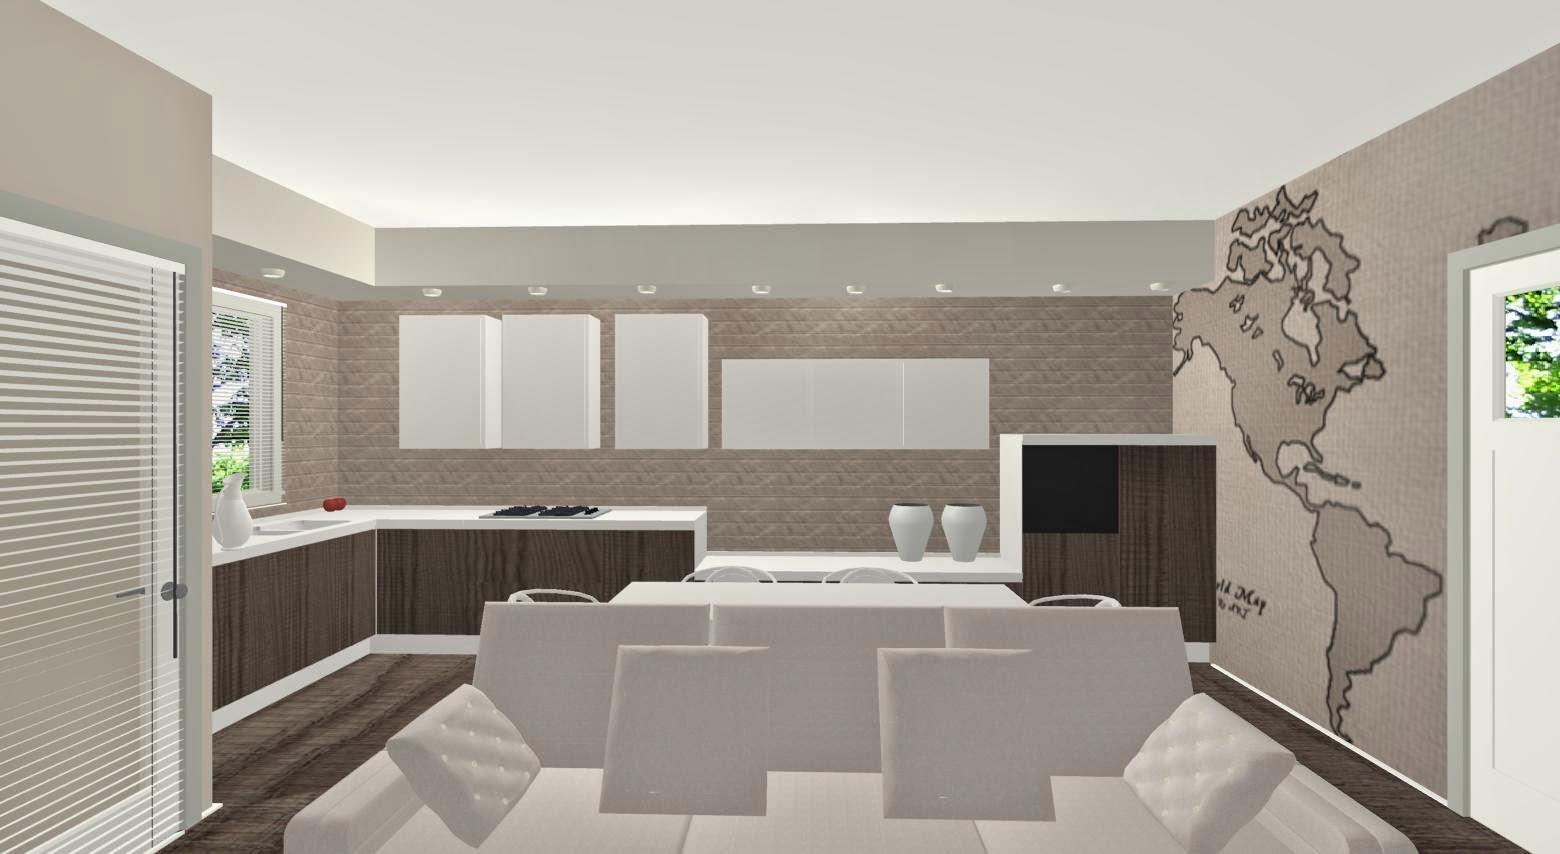 Cucina Salotto Ambiente Unico Idee RN12 » Regardsdefemmes